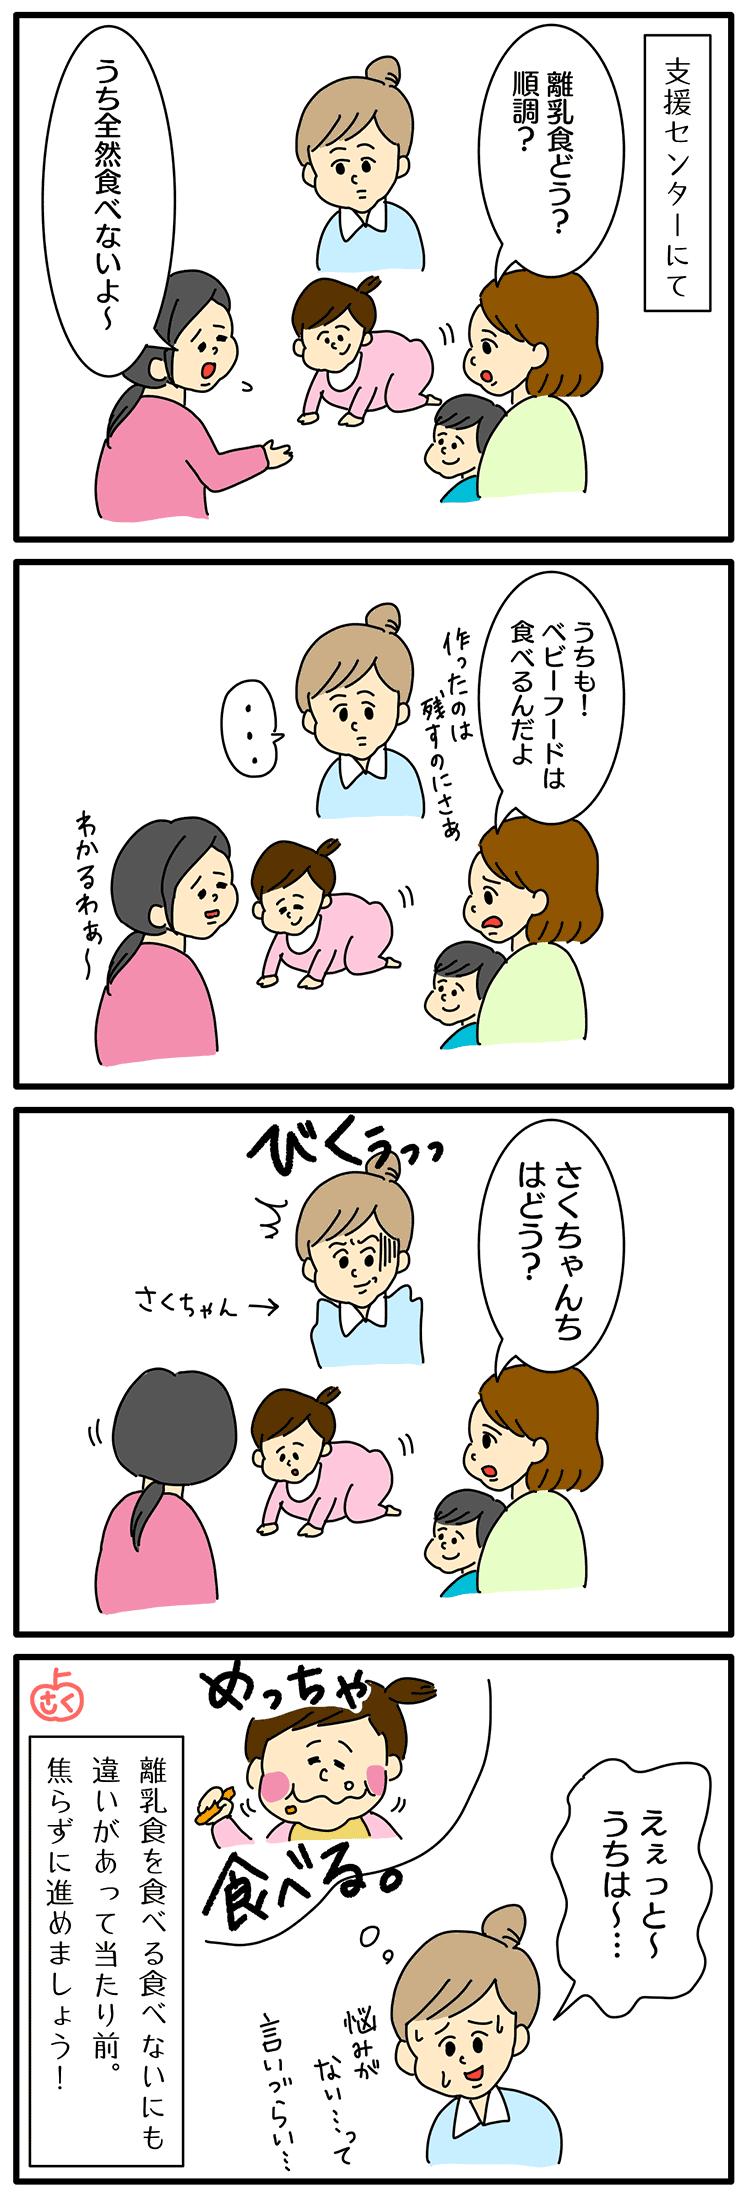 離乳食を食べない悩みの永岡さくら(saku)さんの子育て4コマ漫画